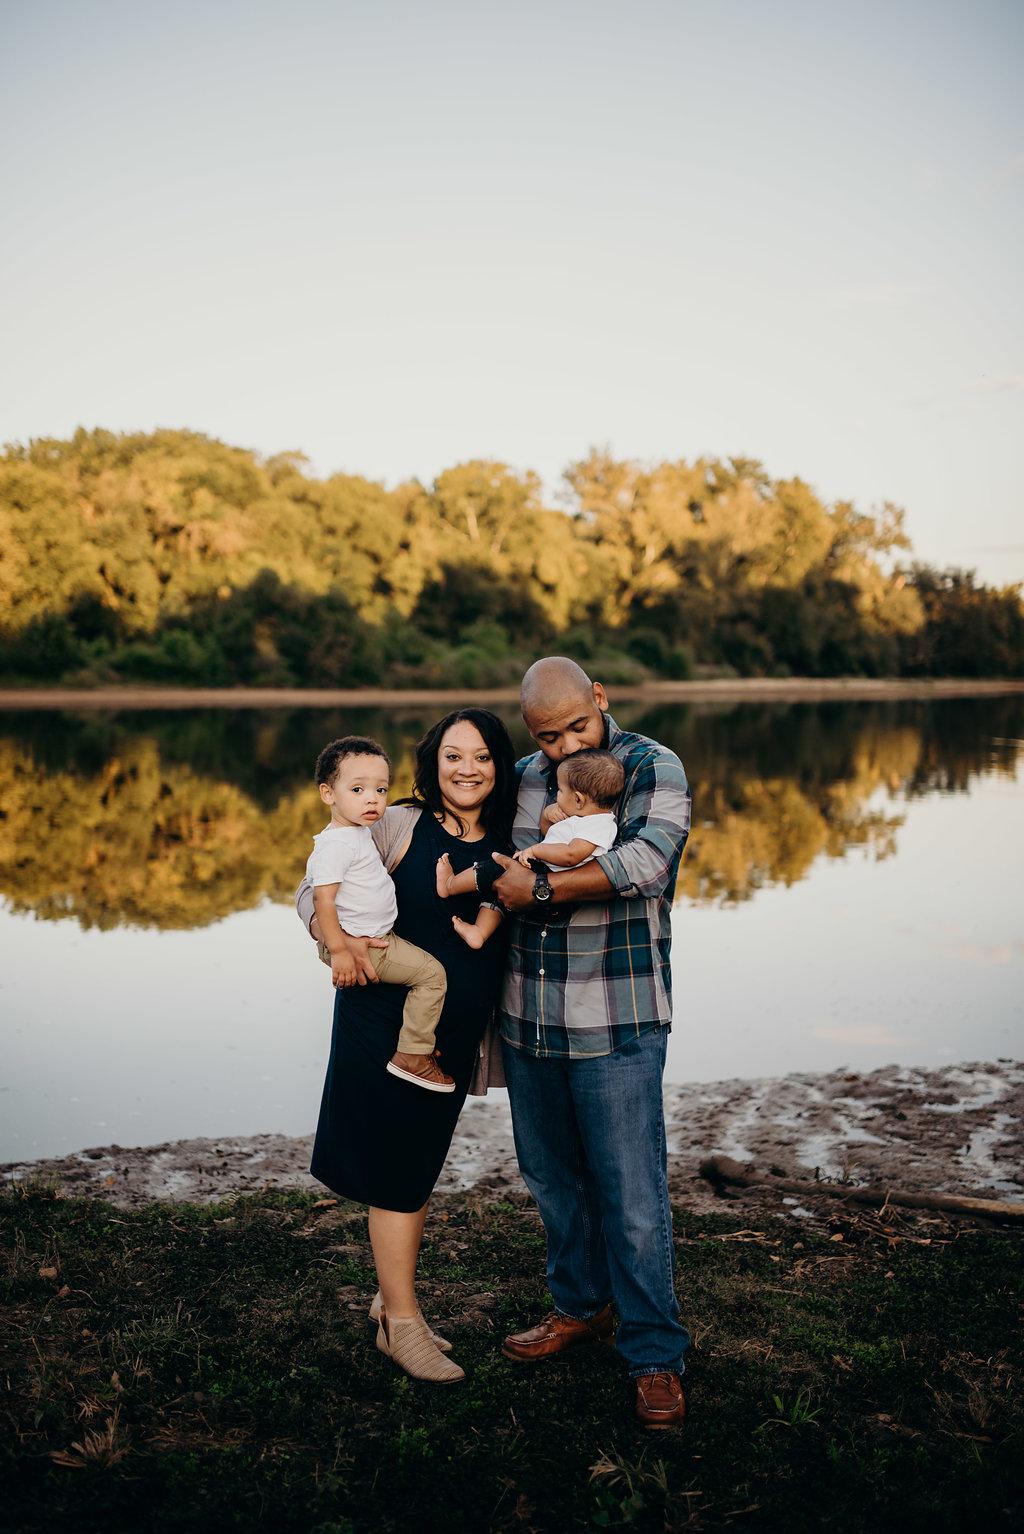 fredericksburg-virginia-family-session-tillman-family-5599.jpg